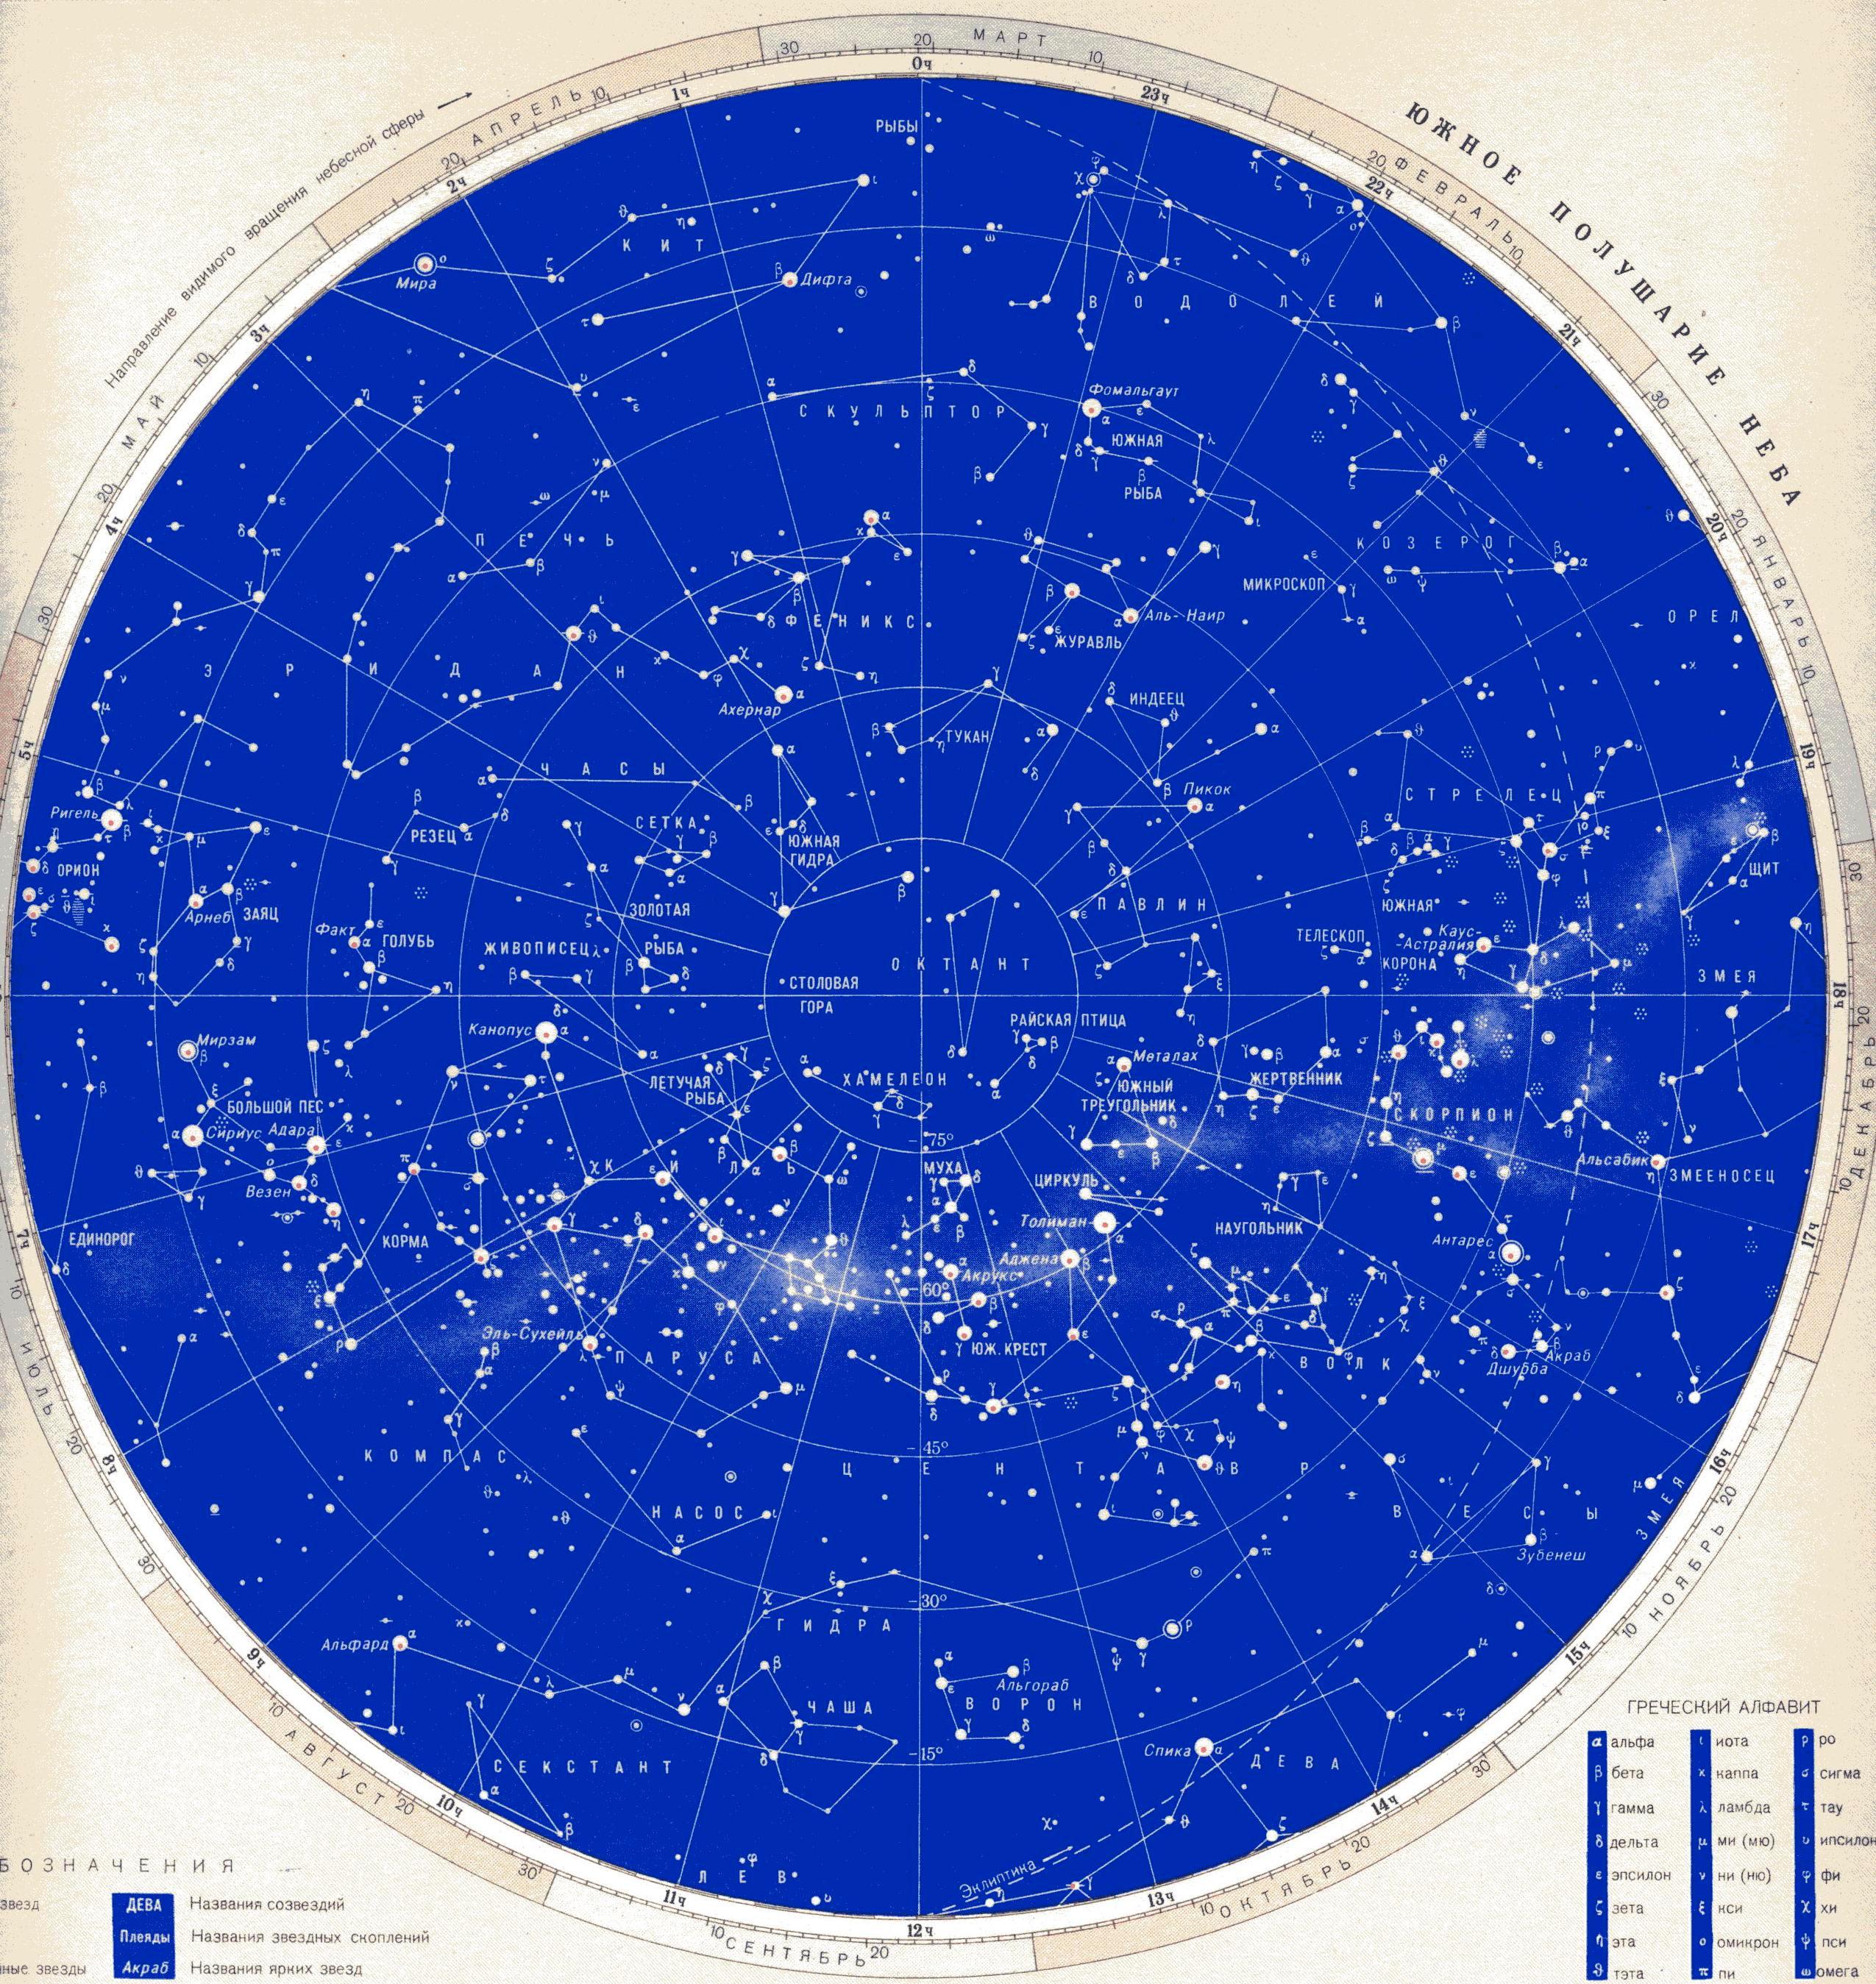 Звезды и созвездия южного полушария Земли